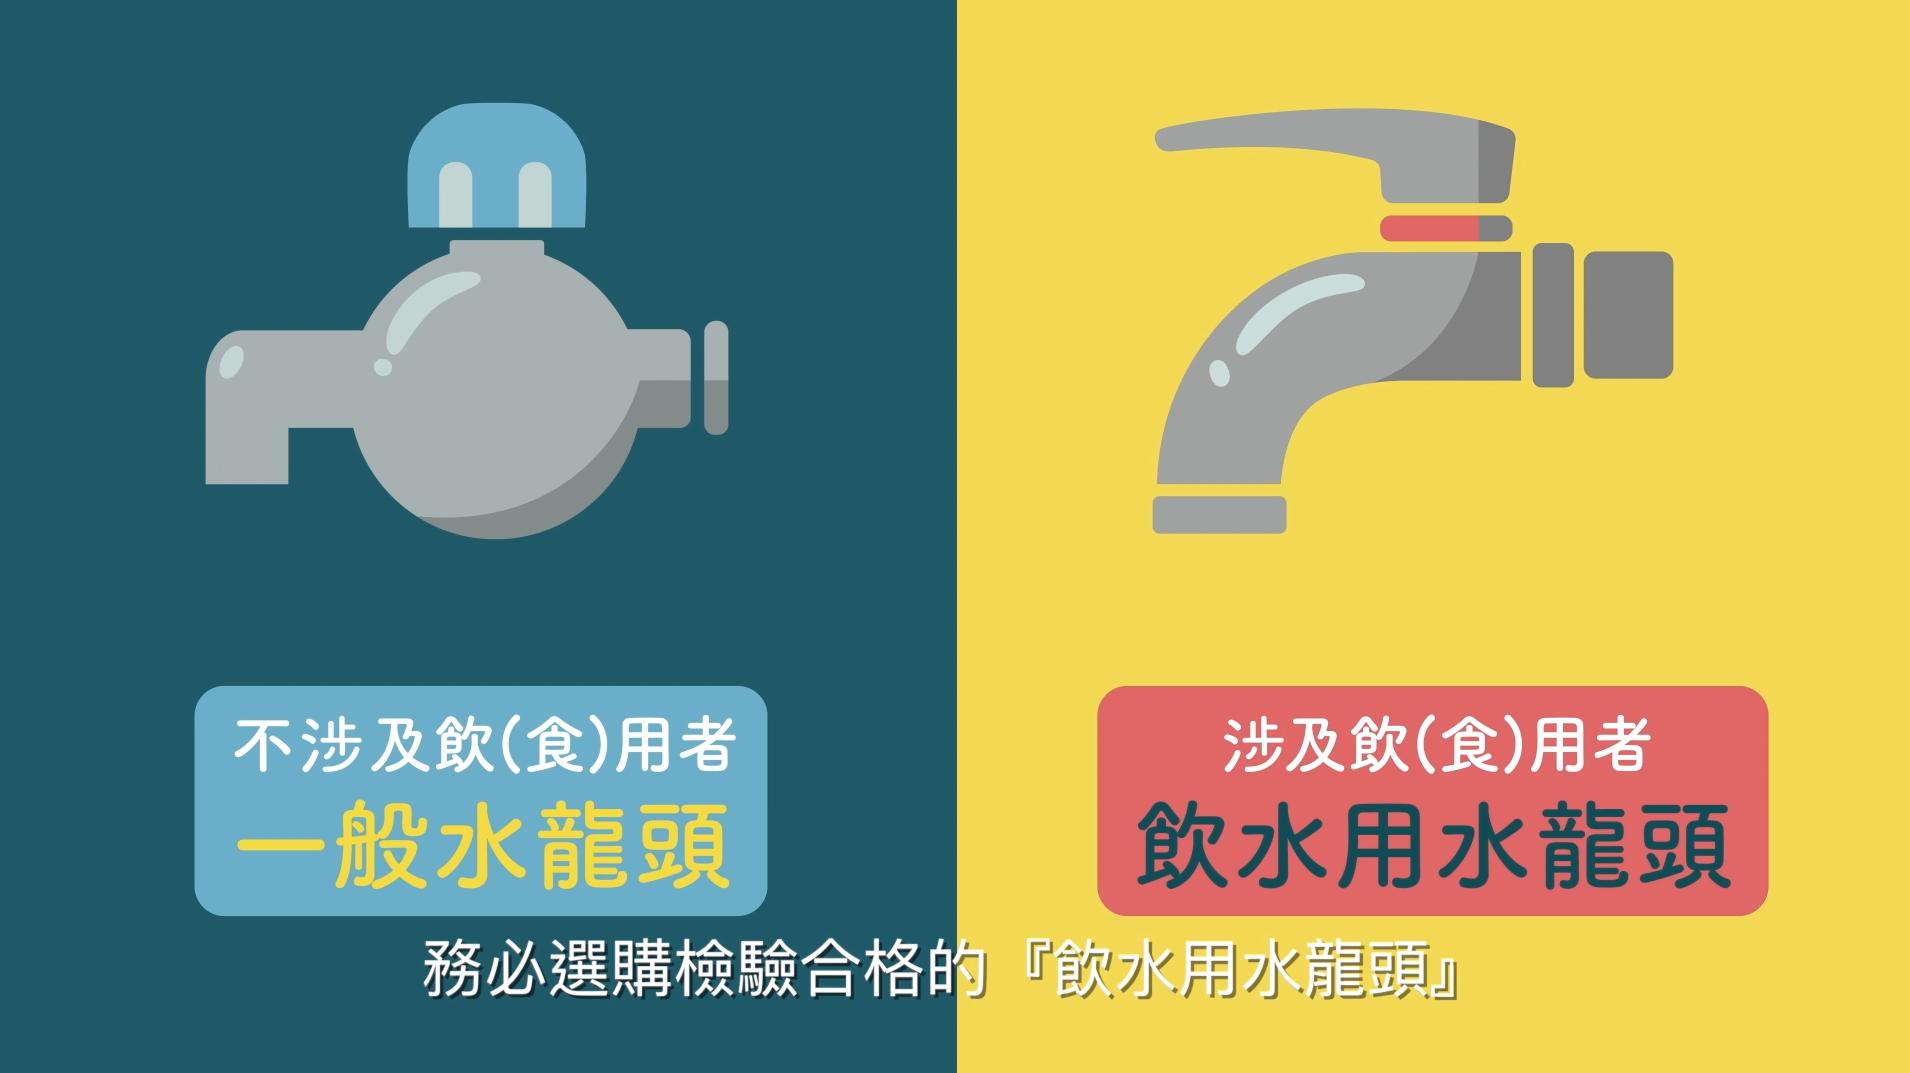 臺南標準檢驗局_安心的飲用水